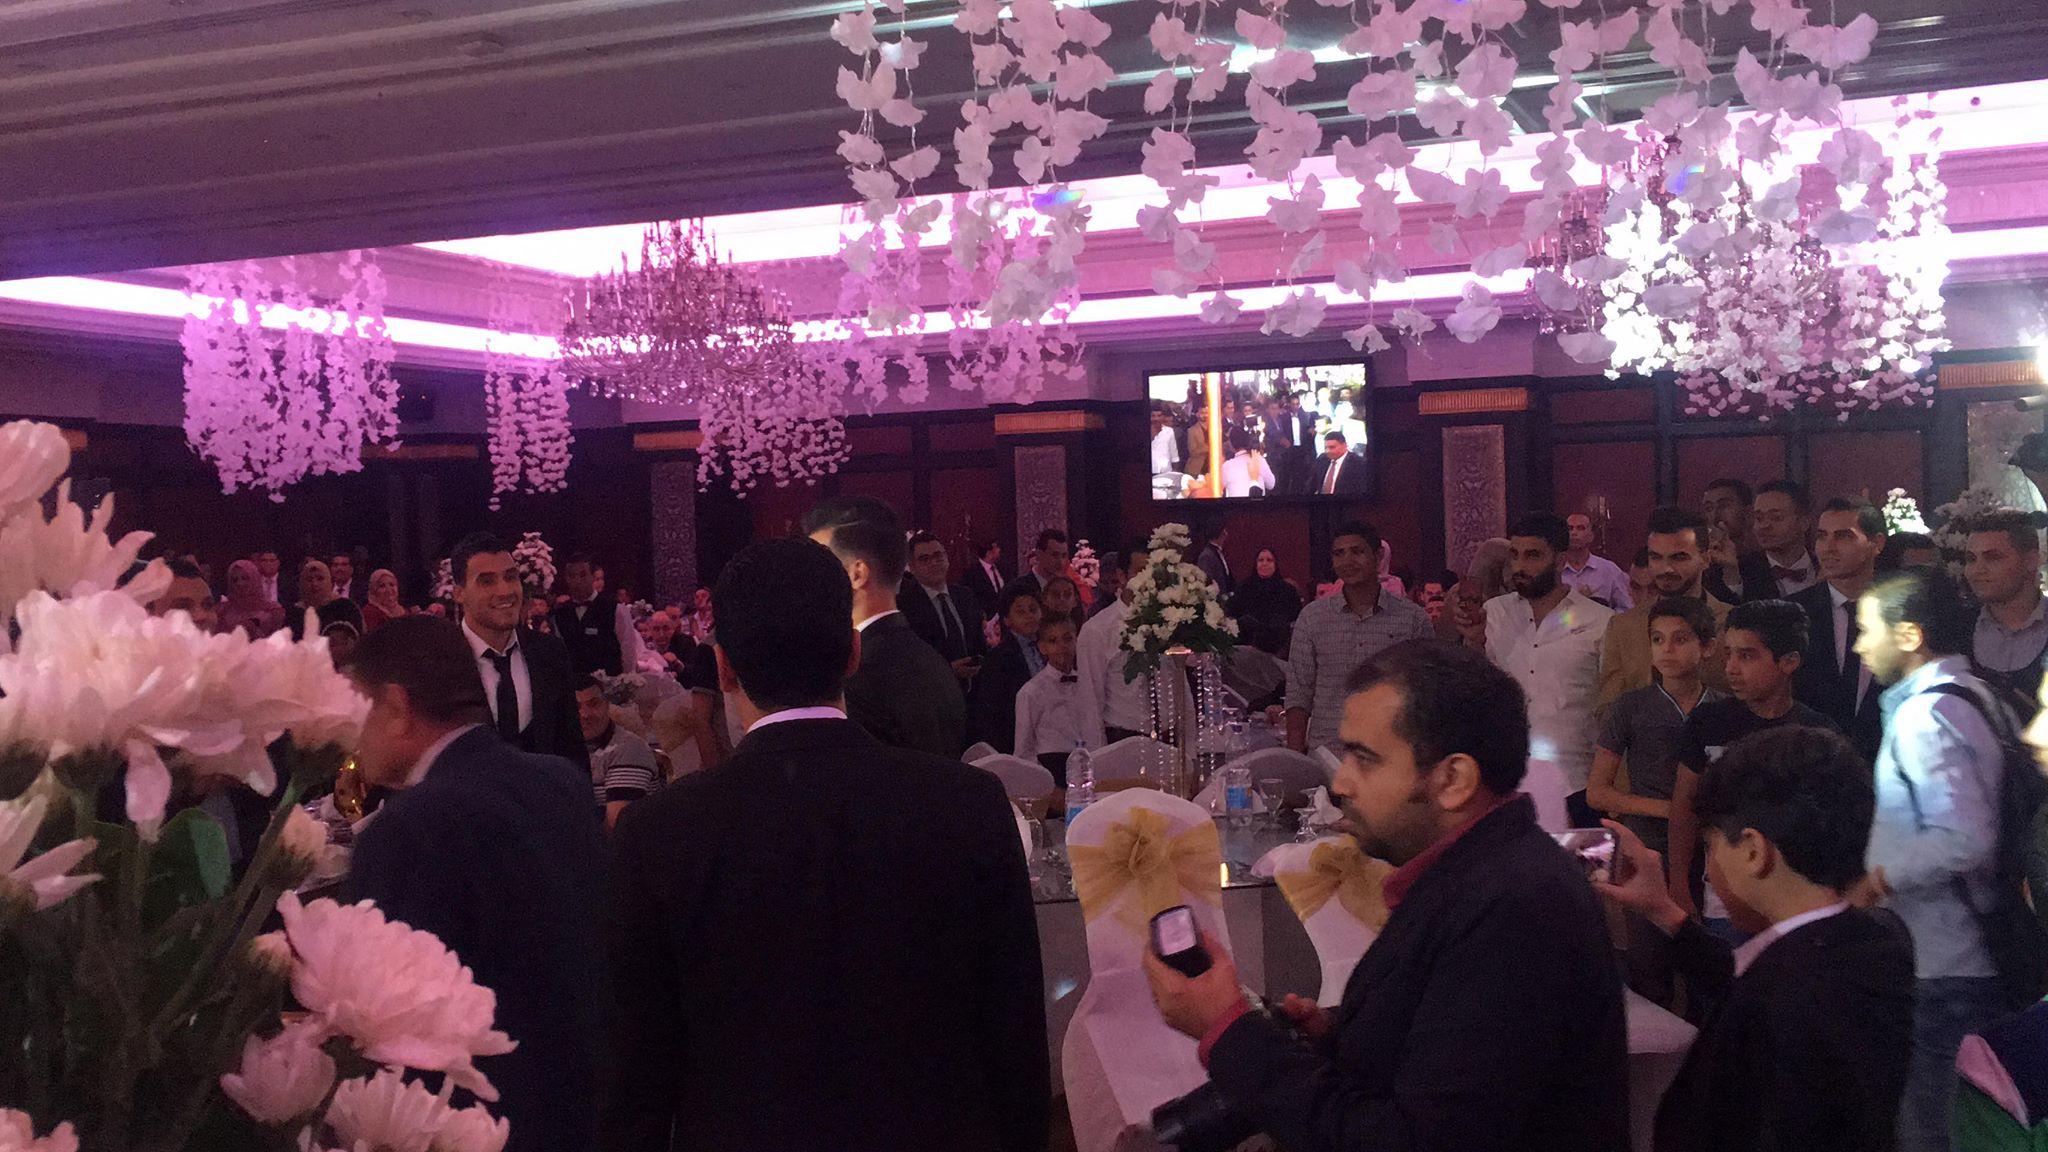 دونجا يحتفل بحفل زفافه (16)